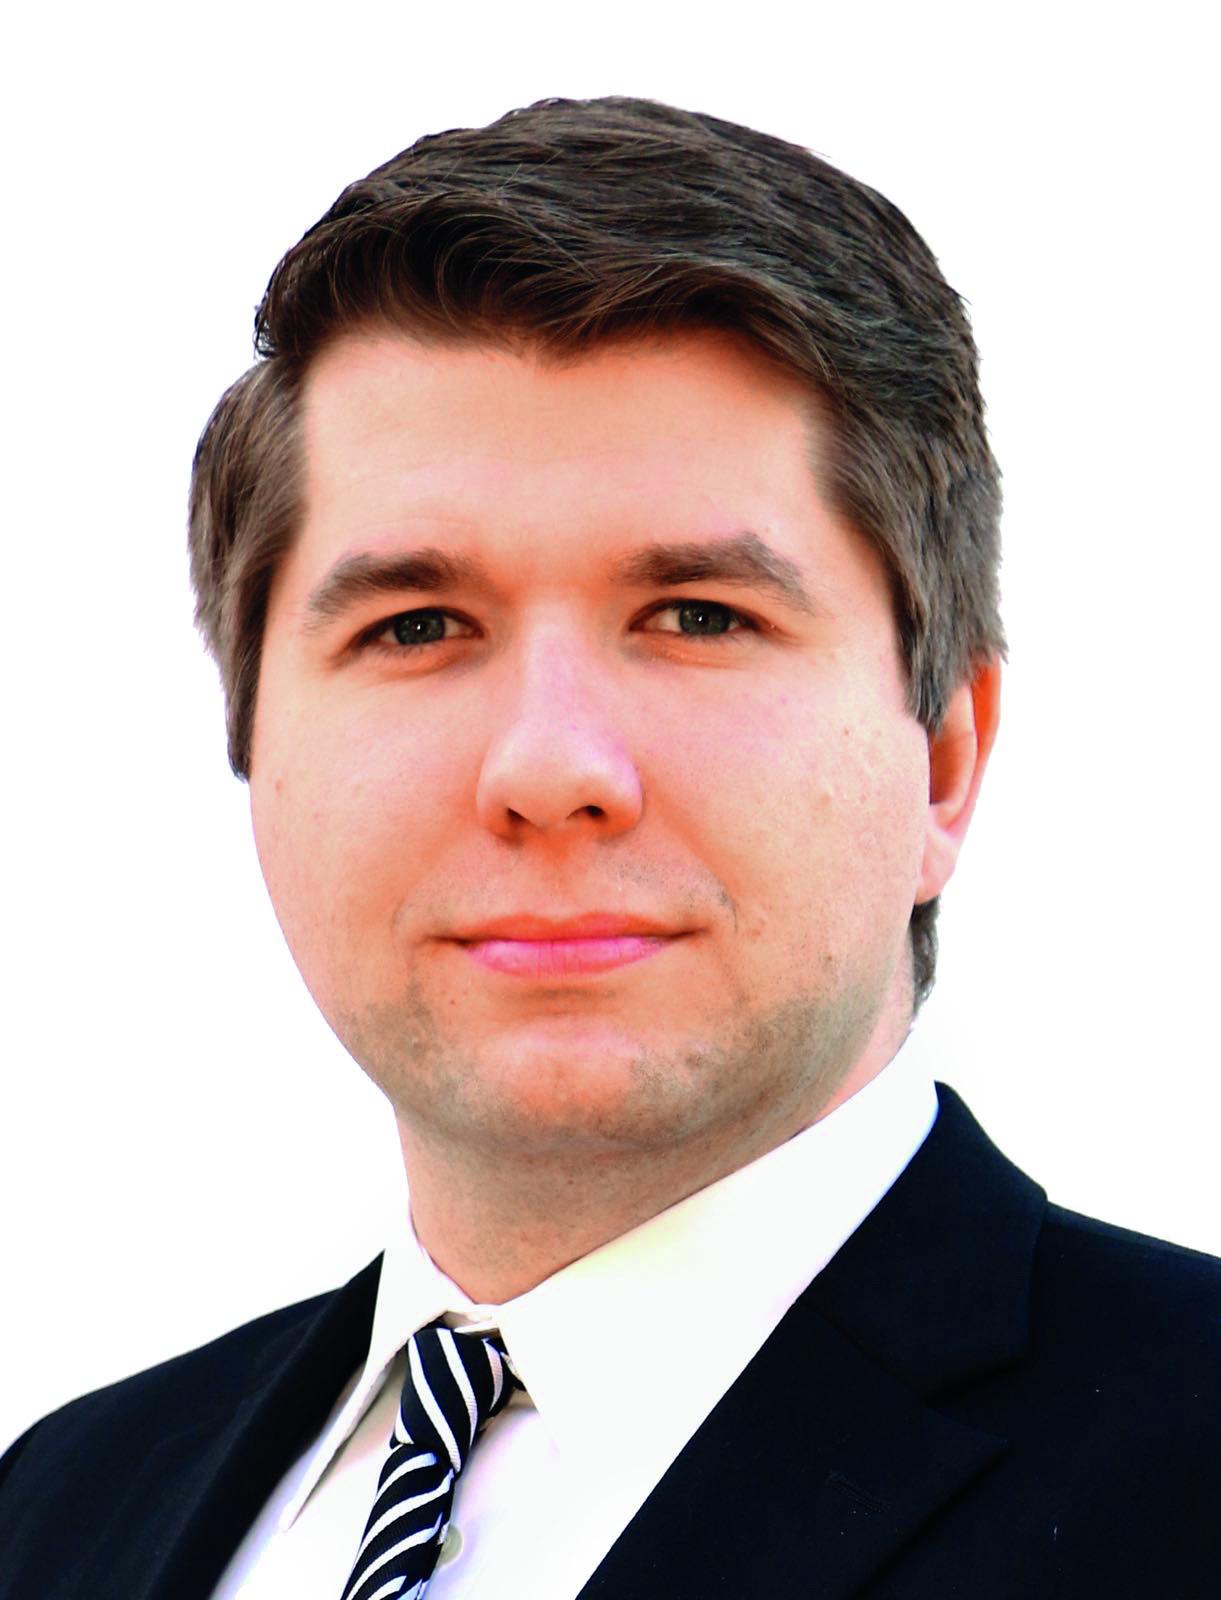 Jan Schürmann war Rechtsreferendar am Oberlandesgericht Hamm und ist Mitglied der Bezirksvertretung Bottrop-Kirchhellen